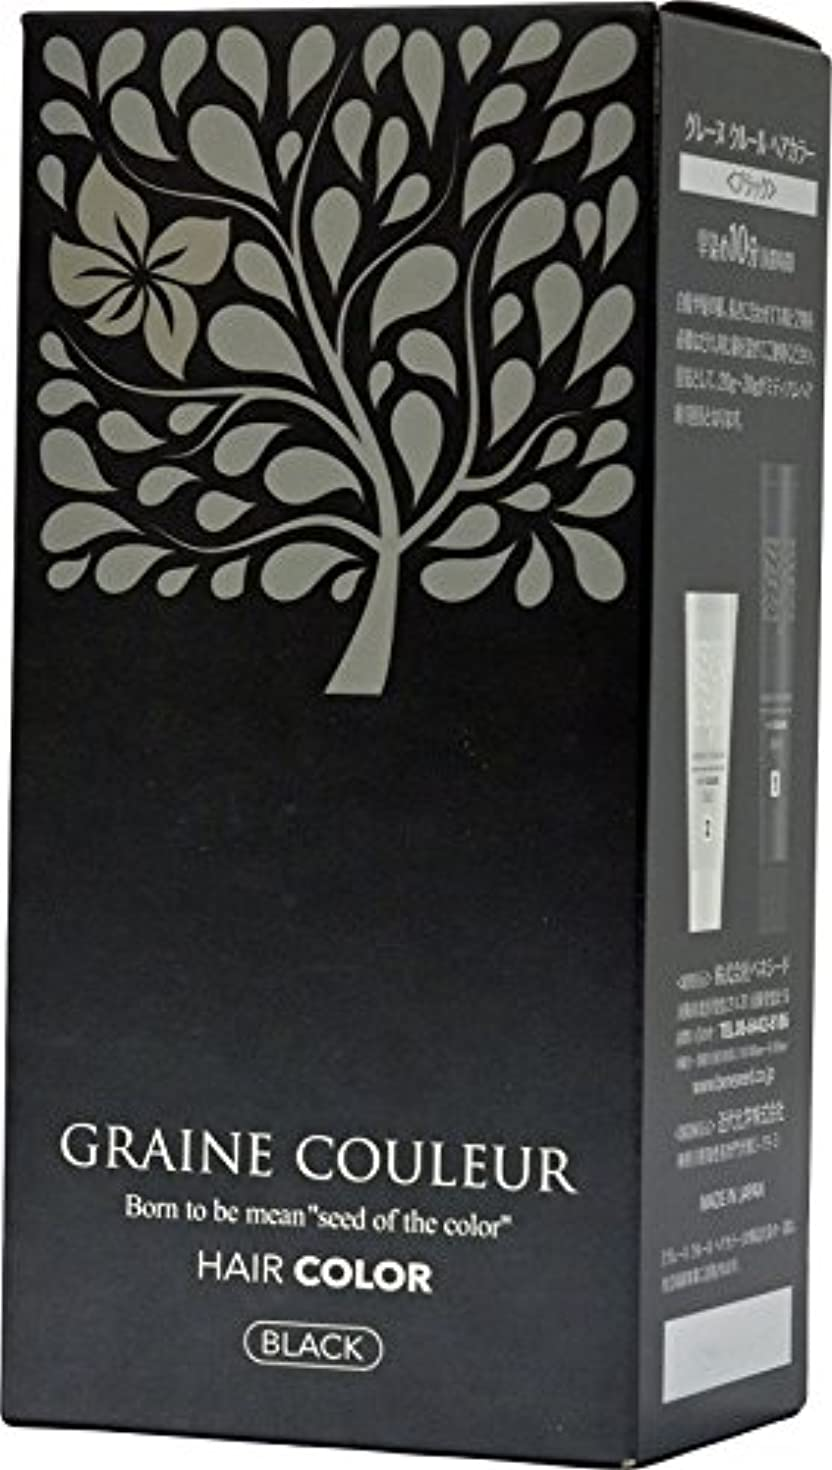 で出来ている最初ふさわしいベネシード グレーヌ クルール ヘアカラー <ブラック> 白髪用 クリームタイプ